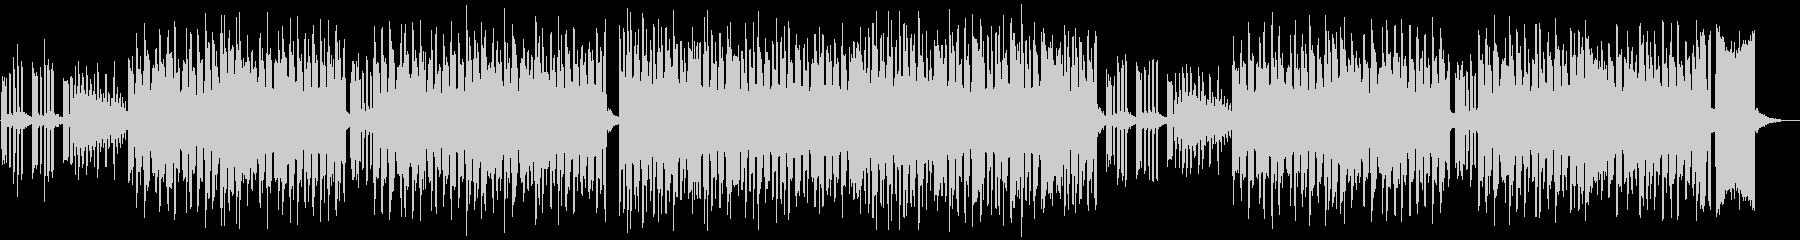 3分クッキングのパロディ曲の未再生の波形